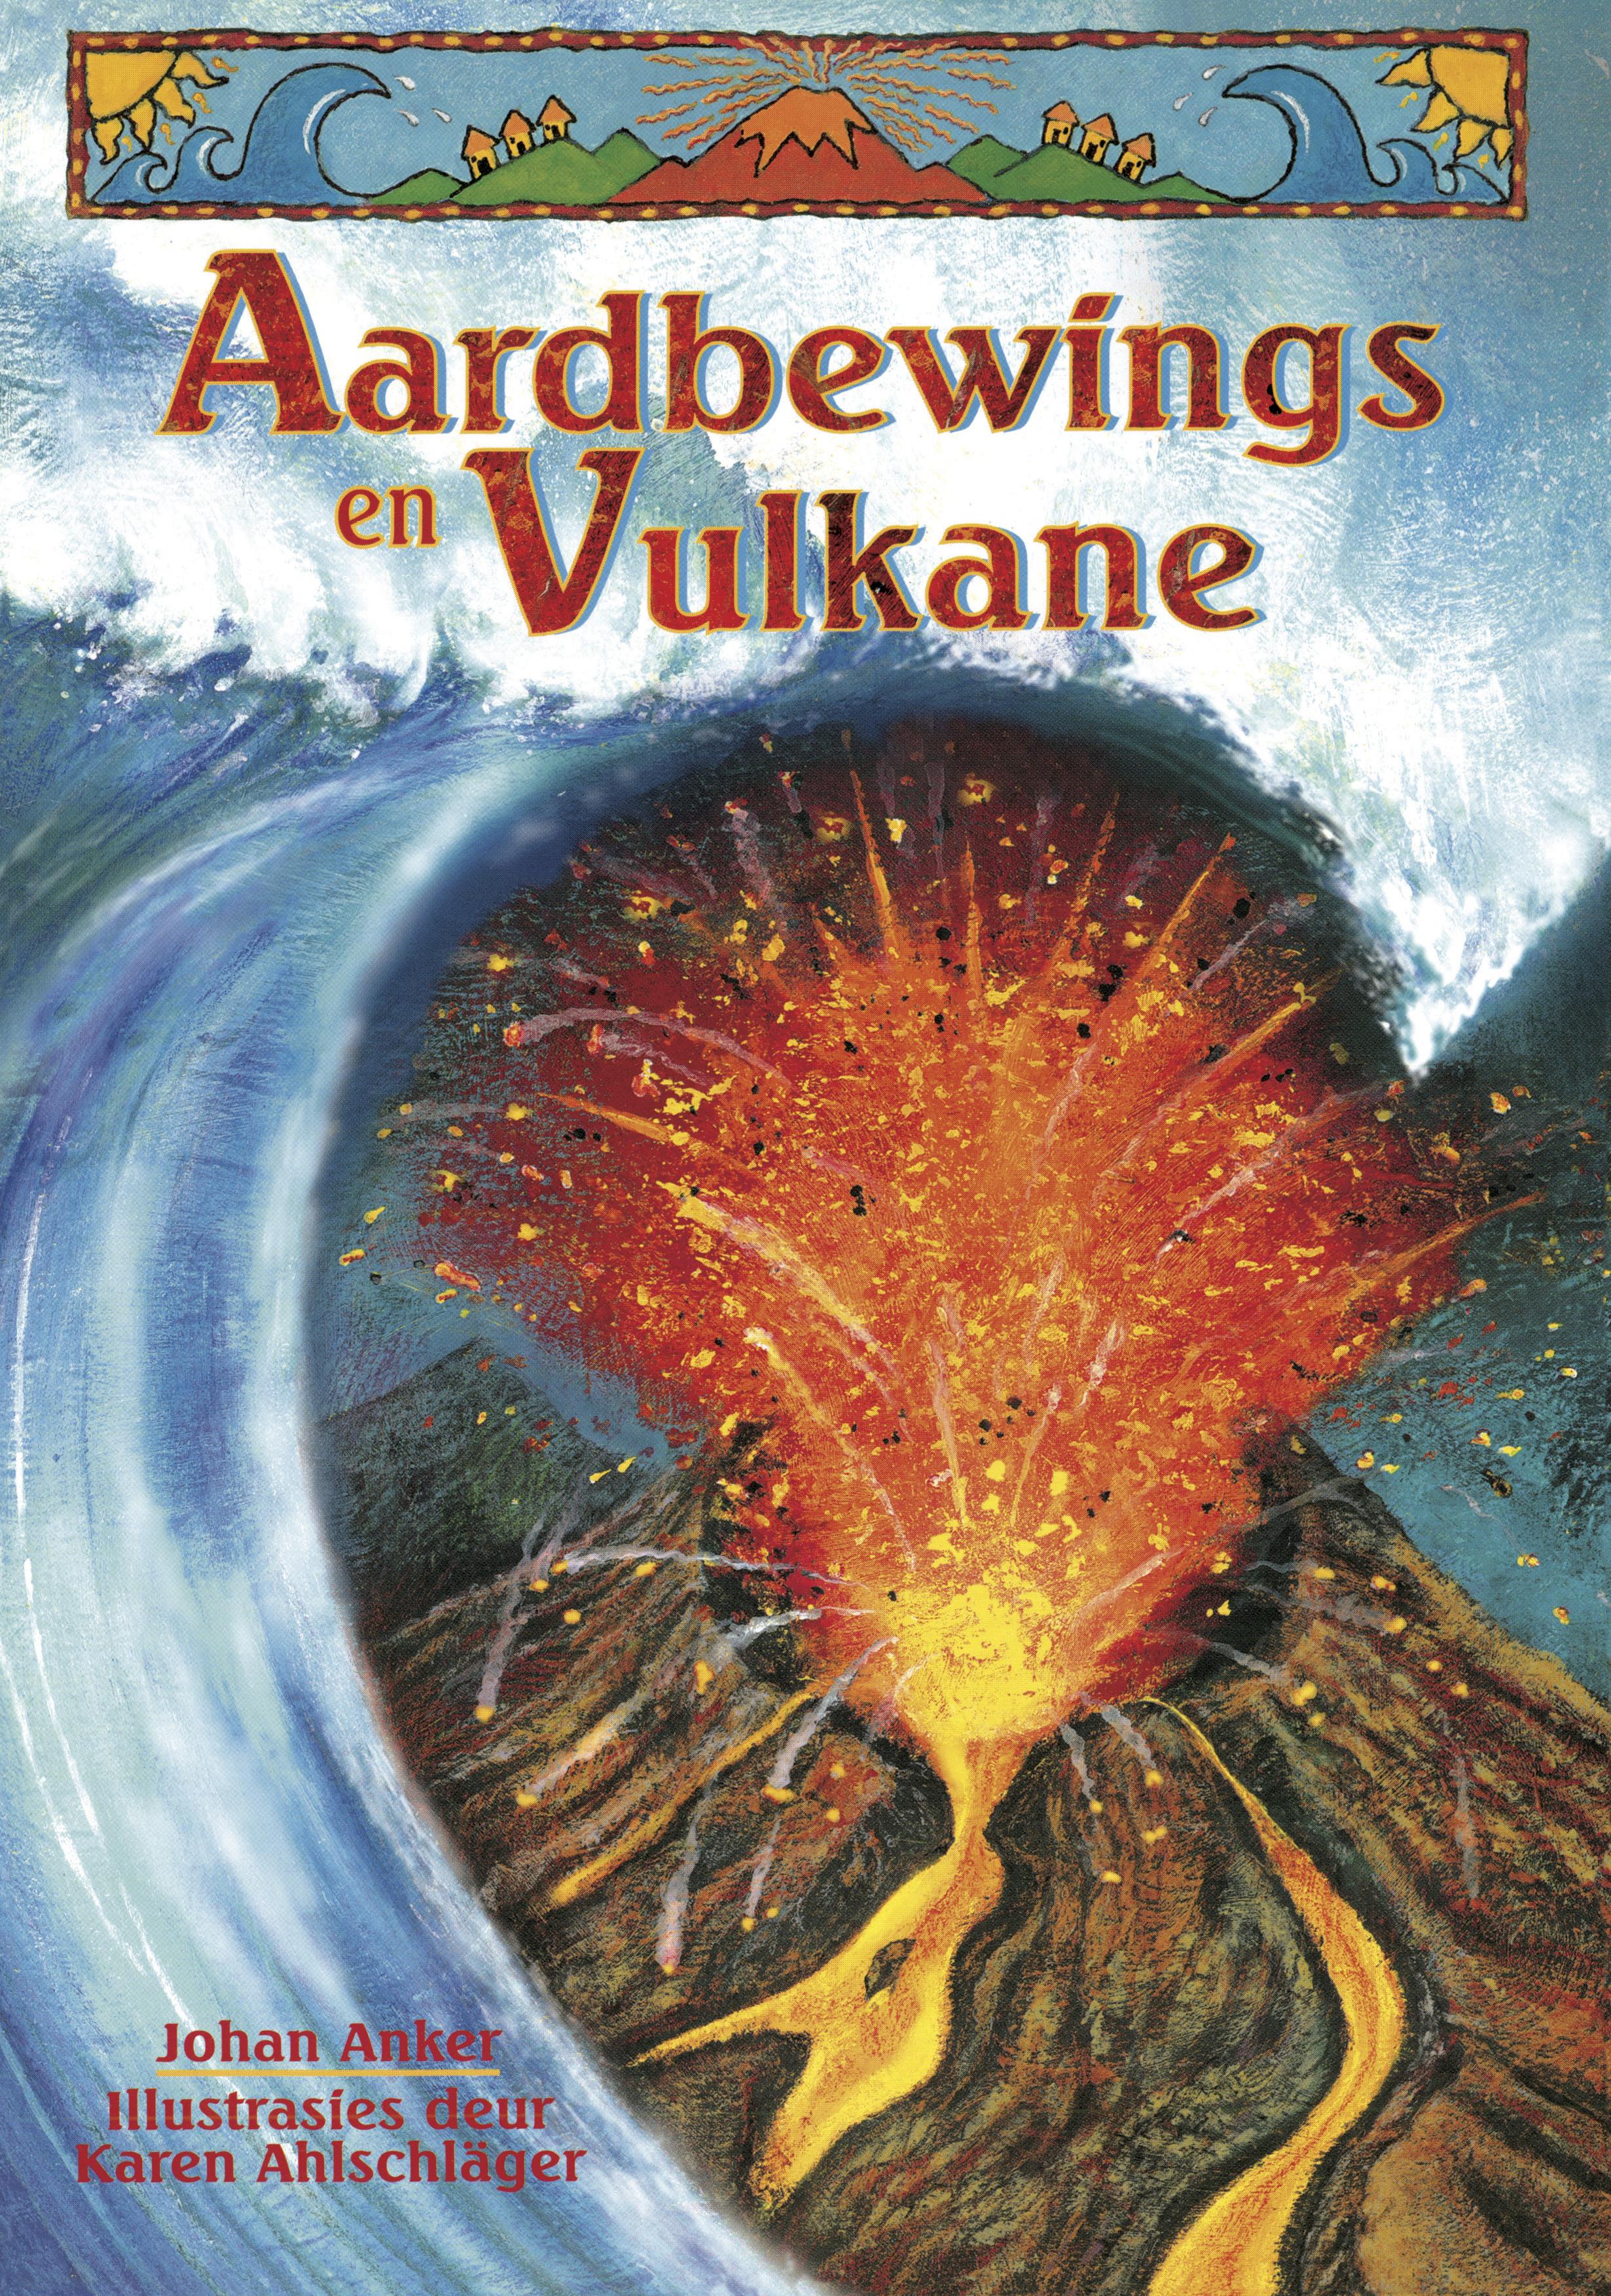 Picture of Aardbewings en vulkane